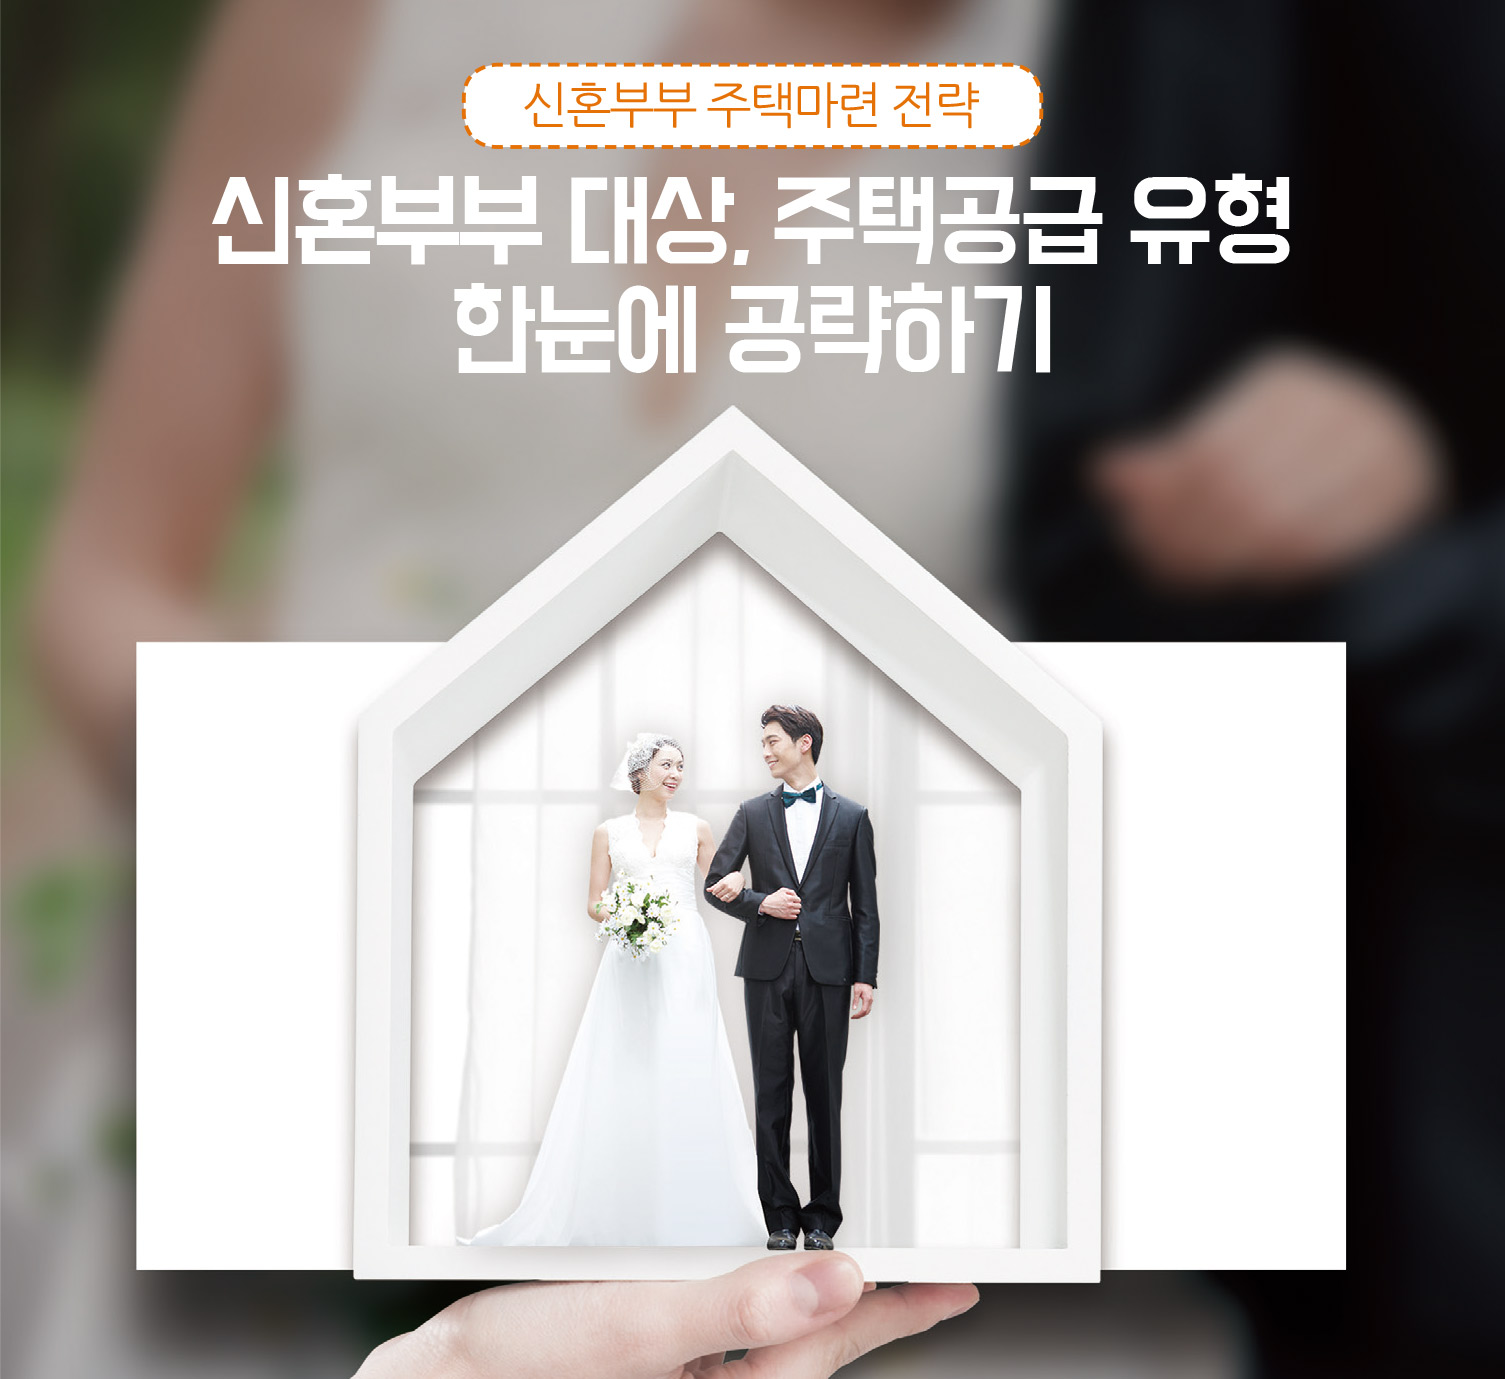 신혼부부 대상,  주택 공급 유형 한눈에 공략하기